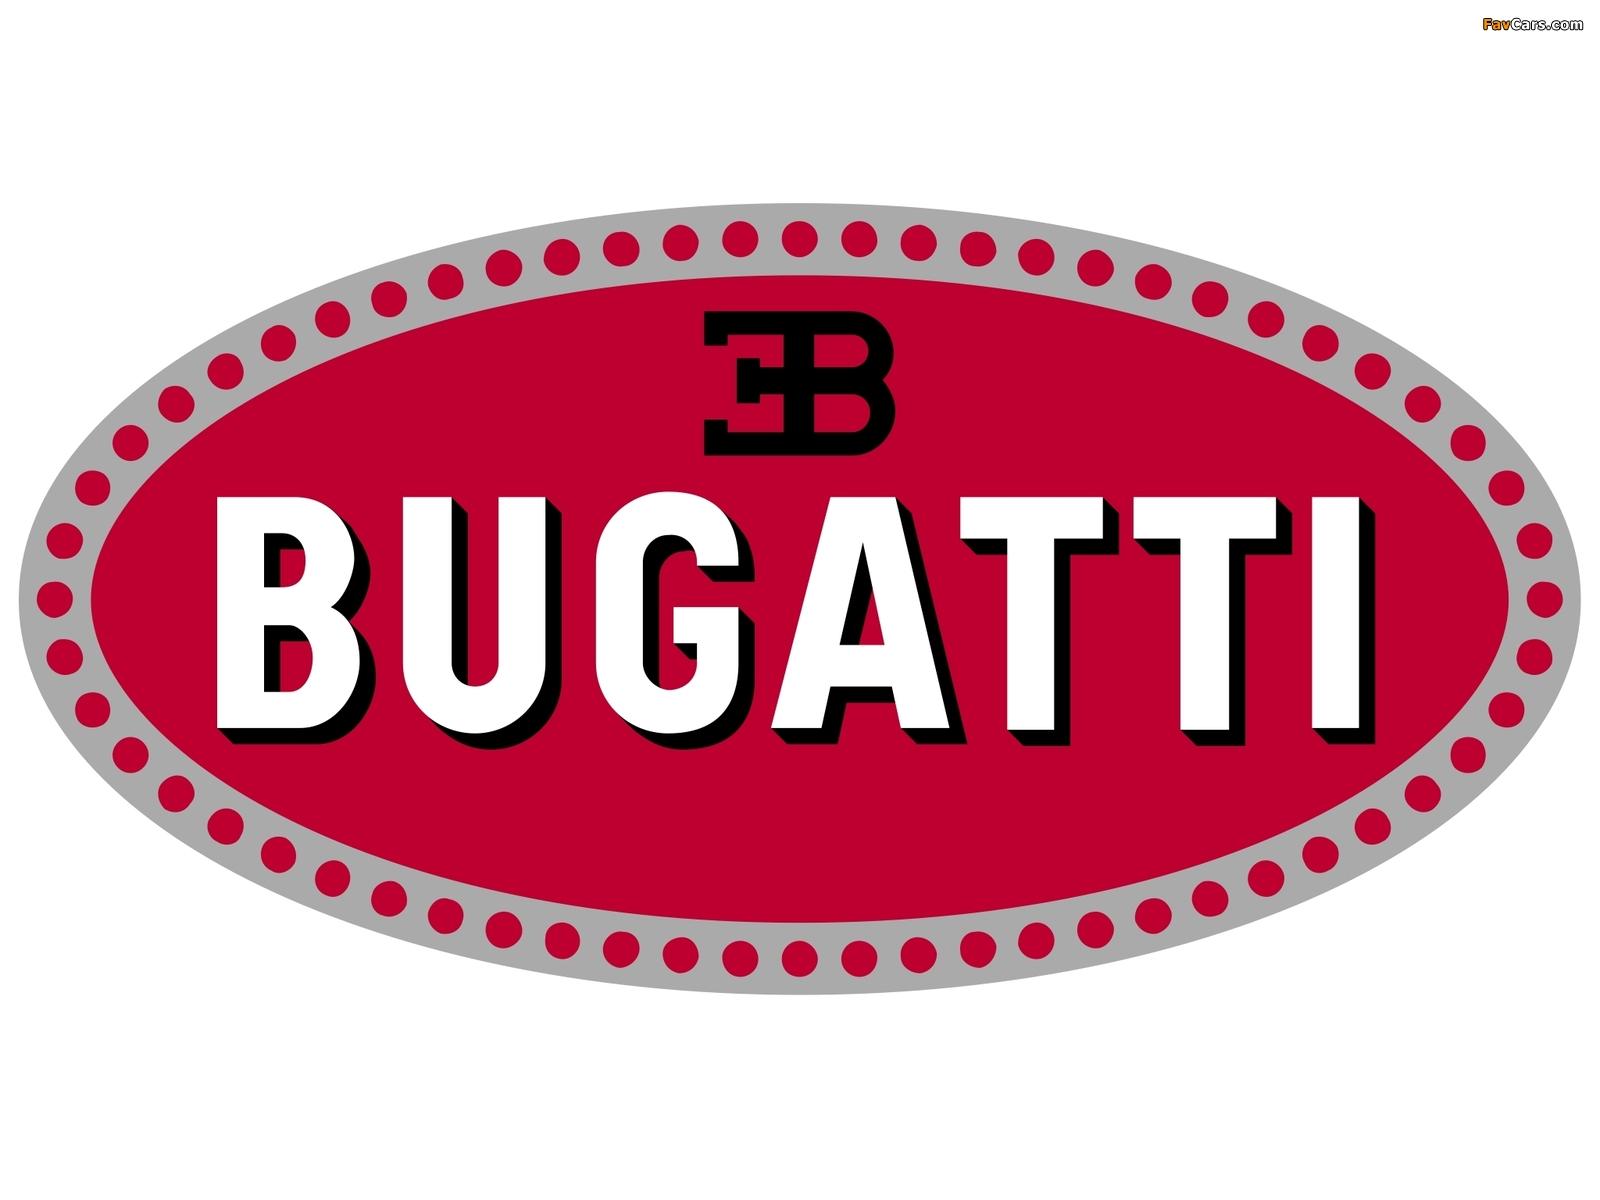 Bugatti pictures (1600 x 1200)